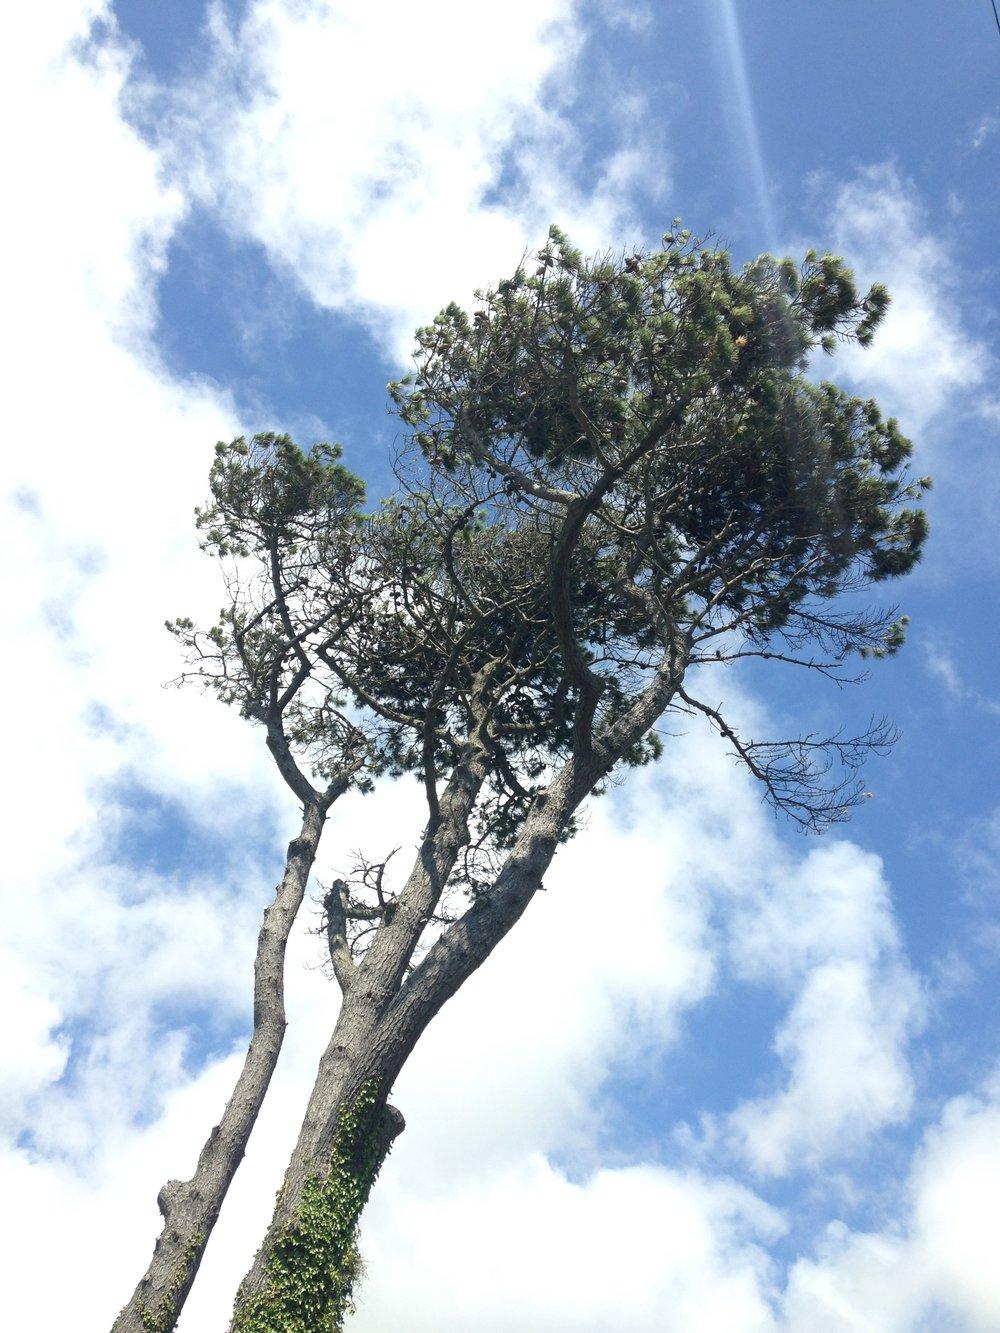 A sky full of tree